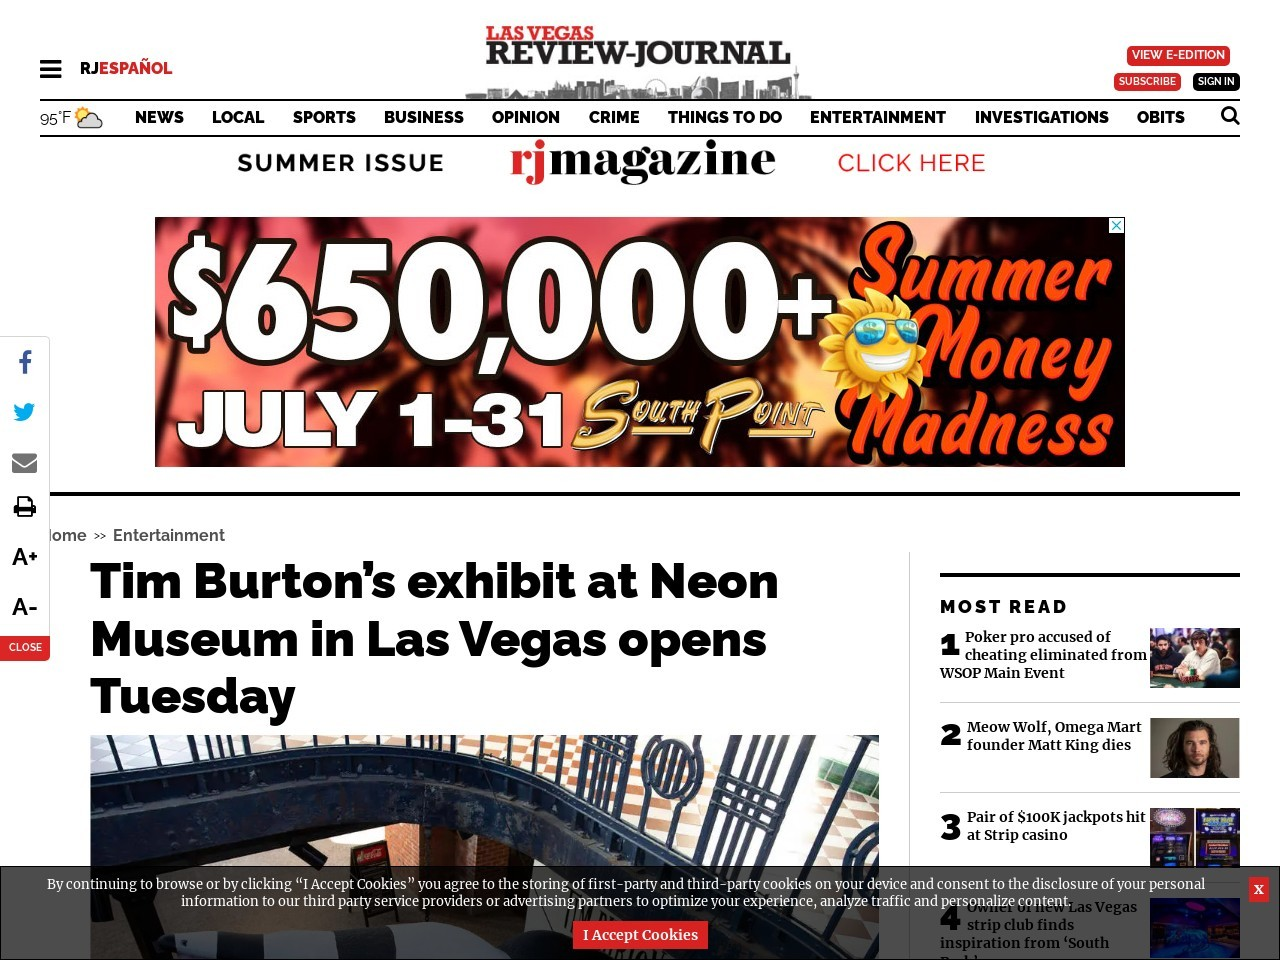 Tim Burton's exhibit at Neon Museum in Las Vegas opens Tuesday